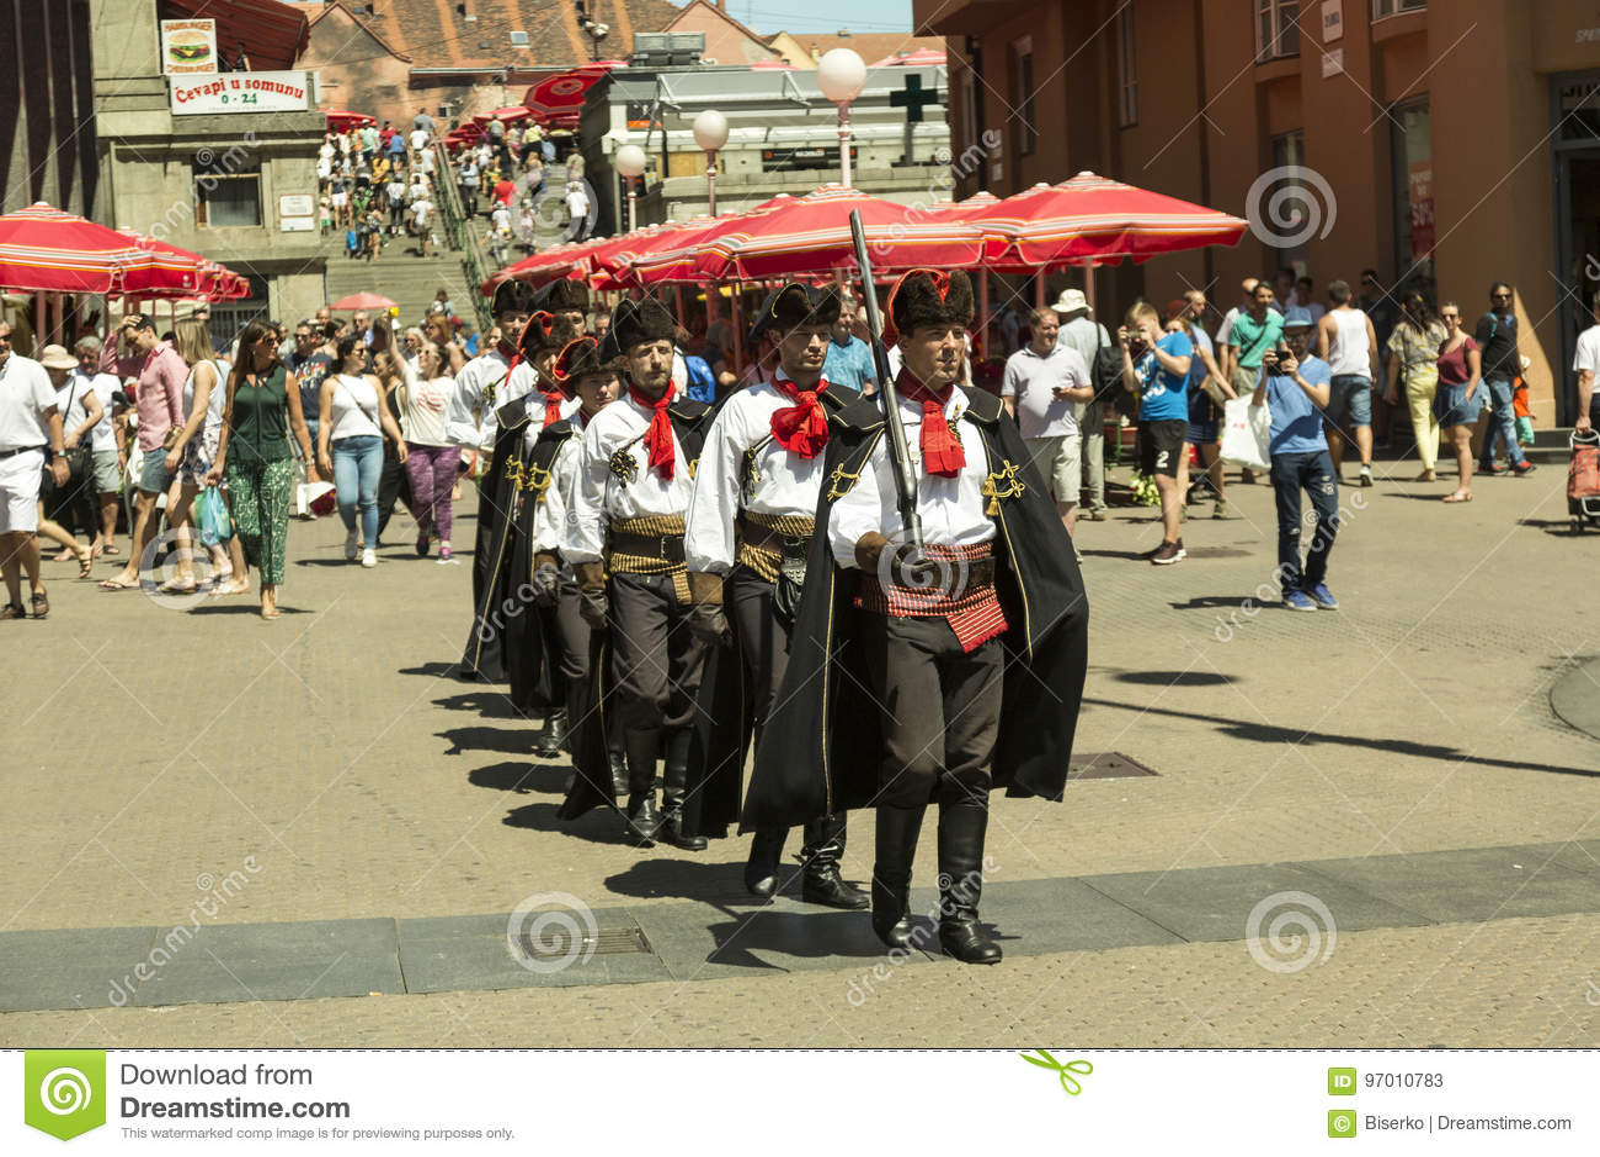 Schutz der Ehre am Hauptplatz in Zagreb, Kroatien